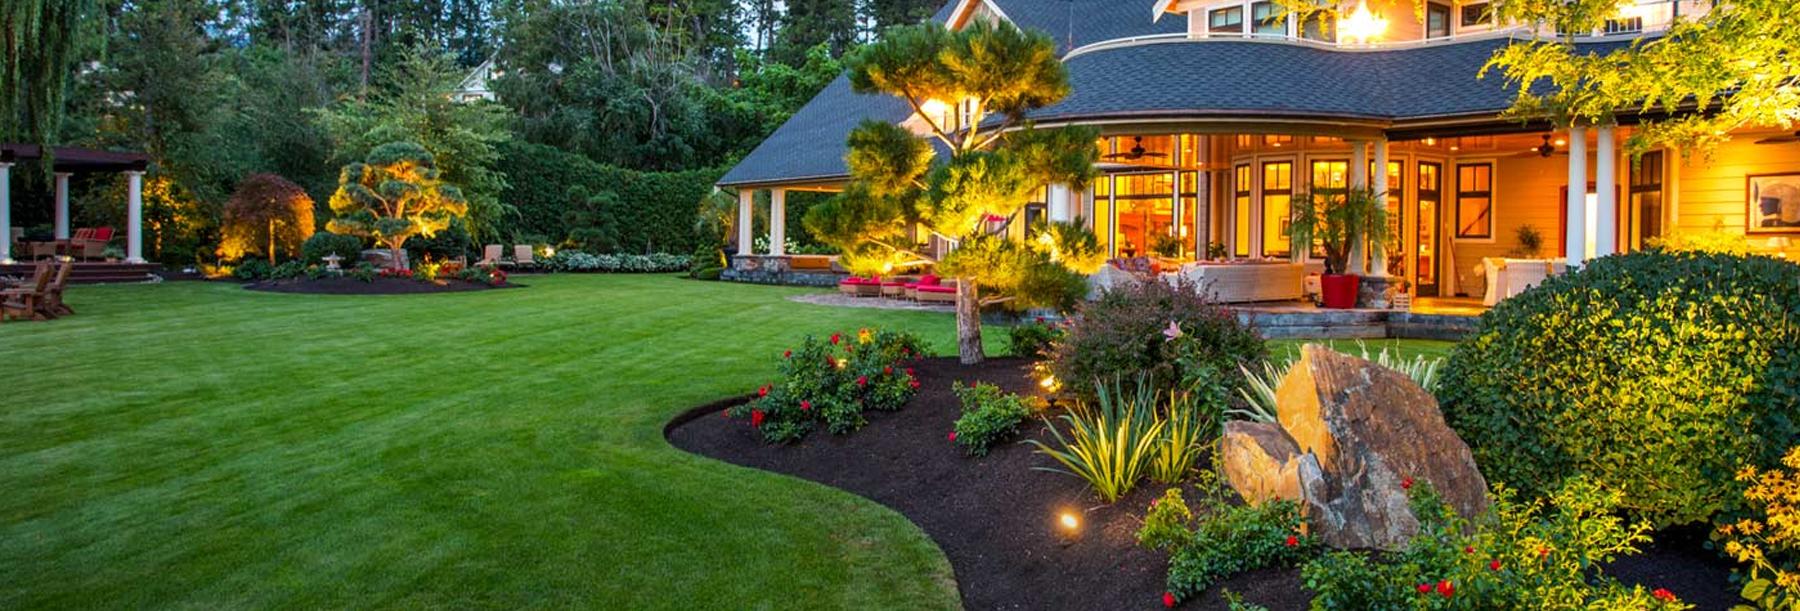 landscaping_bnr